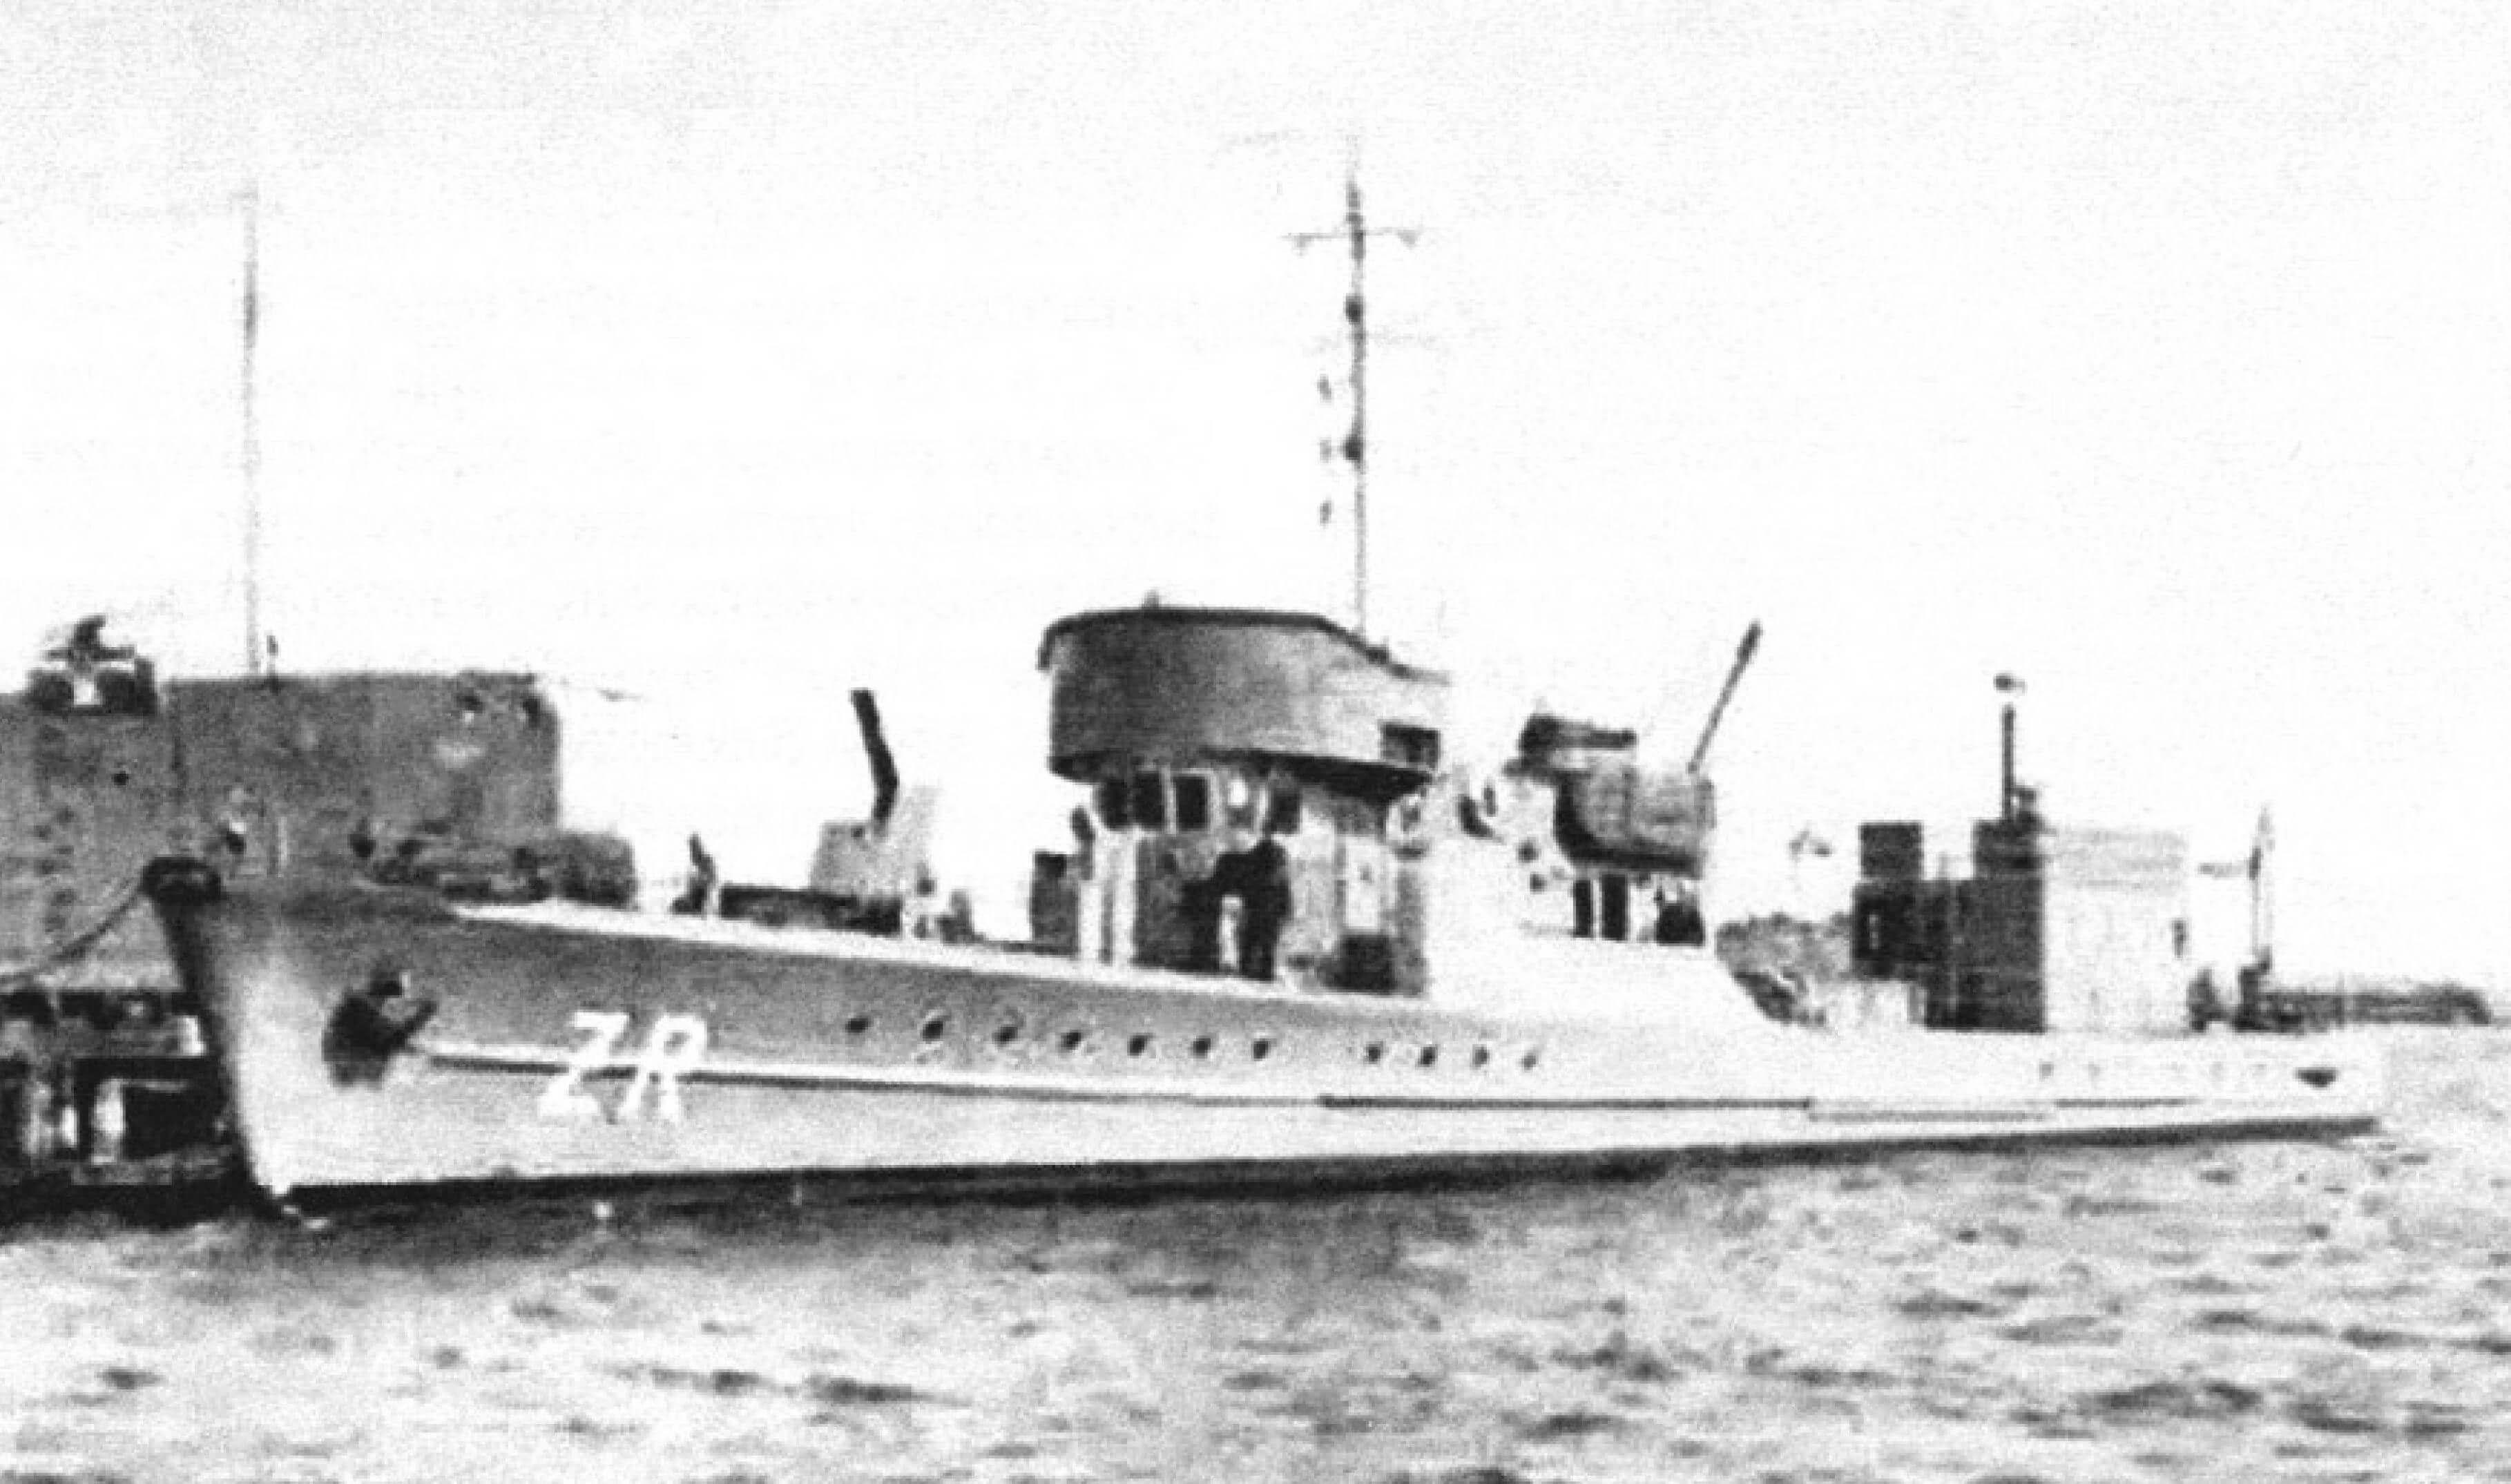 В 1947 году на кормовой палубе тральщика «Zuraw» появилась надстройка в форме «домика», в котором находилась «гидрографическая рубка»